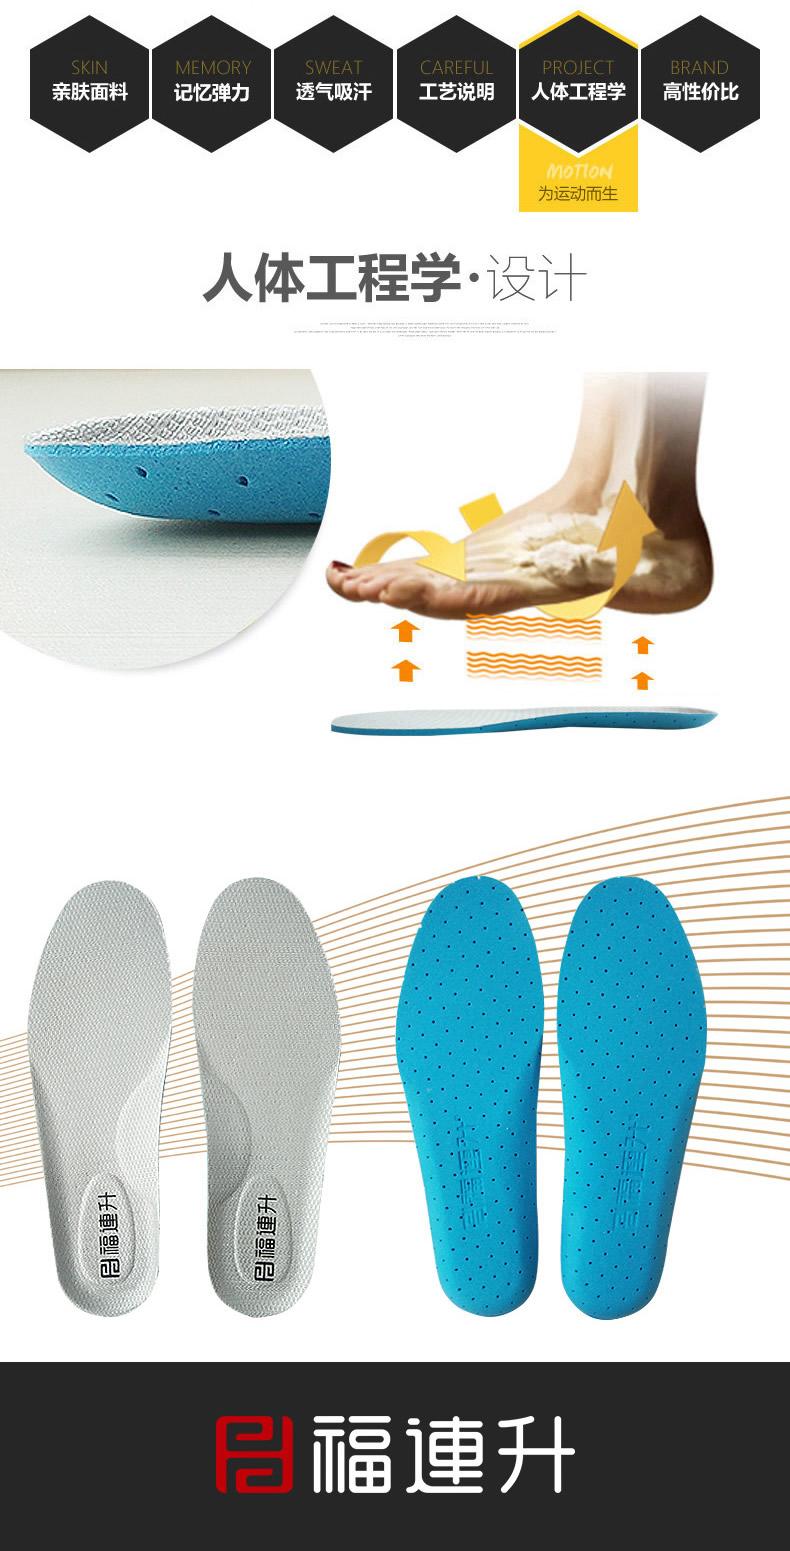 舒适的秘密:拥有SGS严格检测的福连升抗菌鞋垫有什么秘密?图片